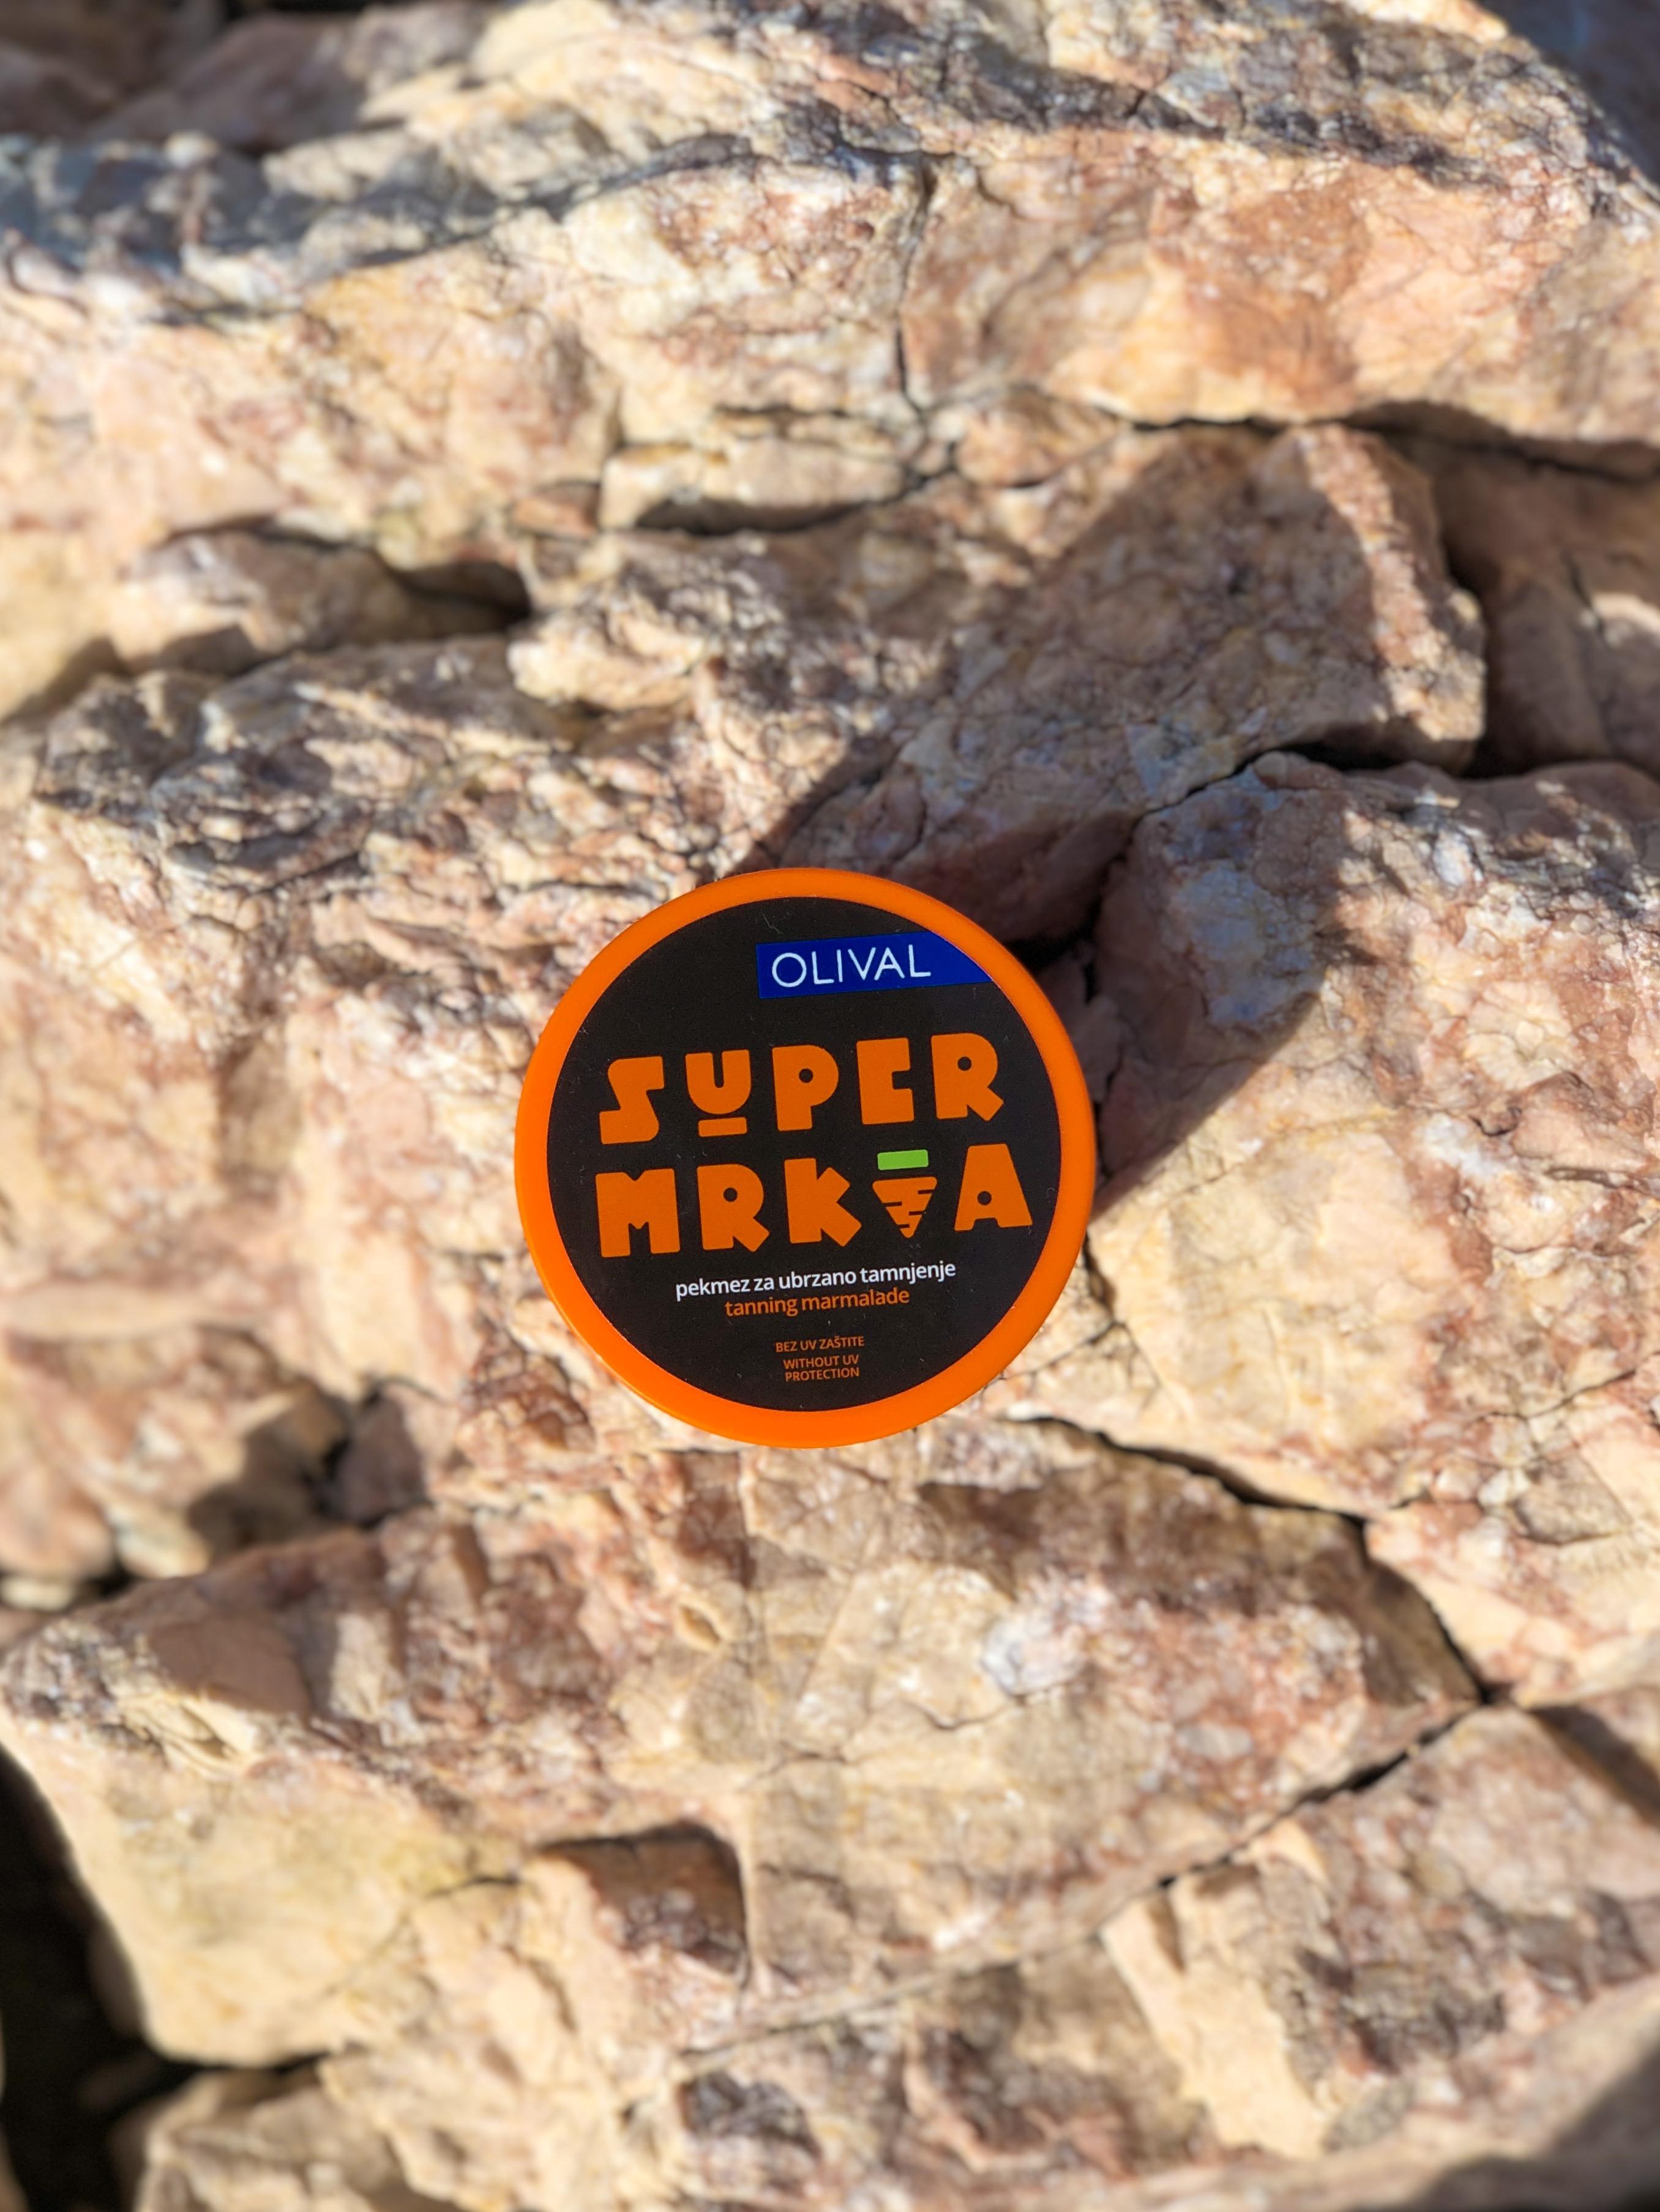 SUPERMrkvaPekmez za ubrzano tamnjenje bez UV zaštite